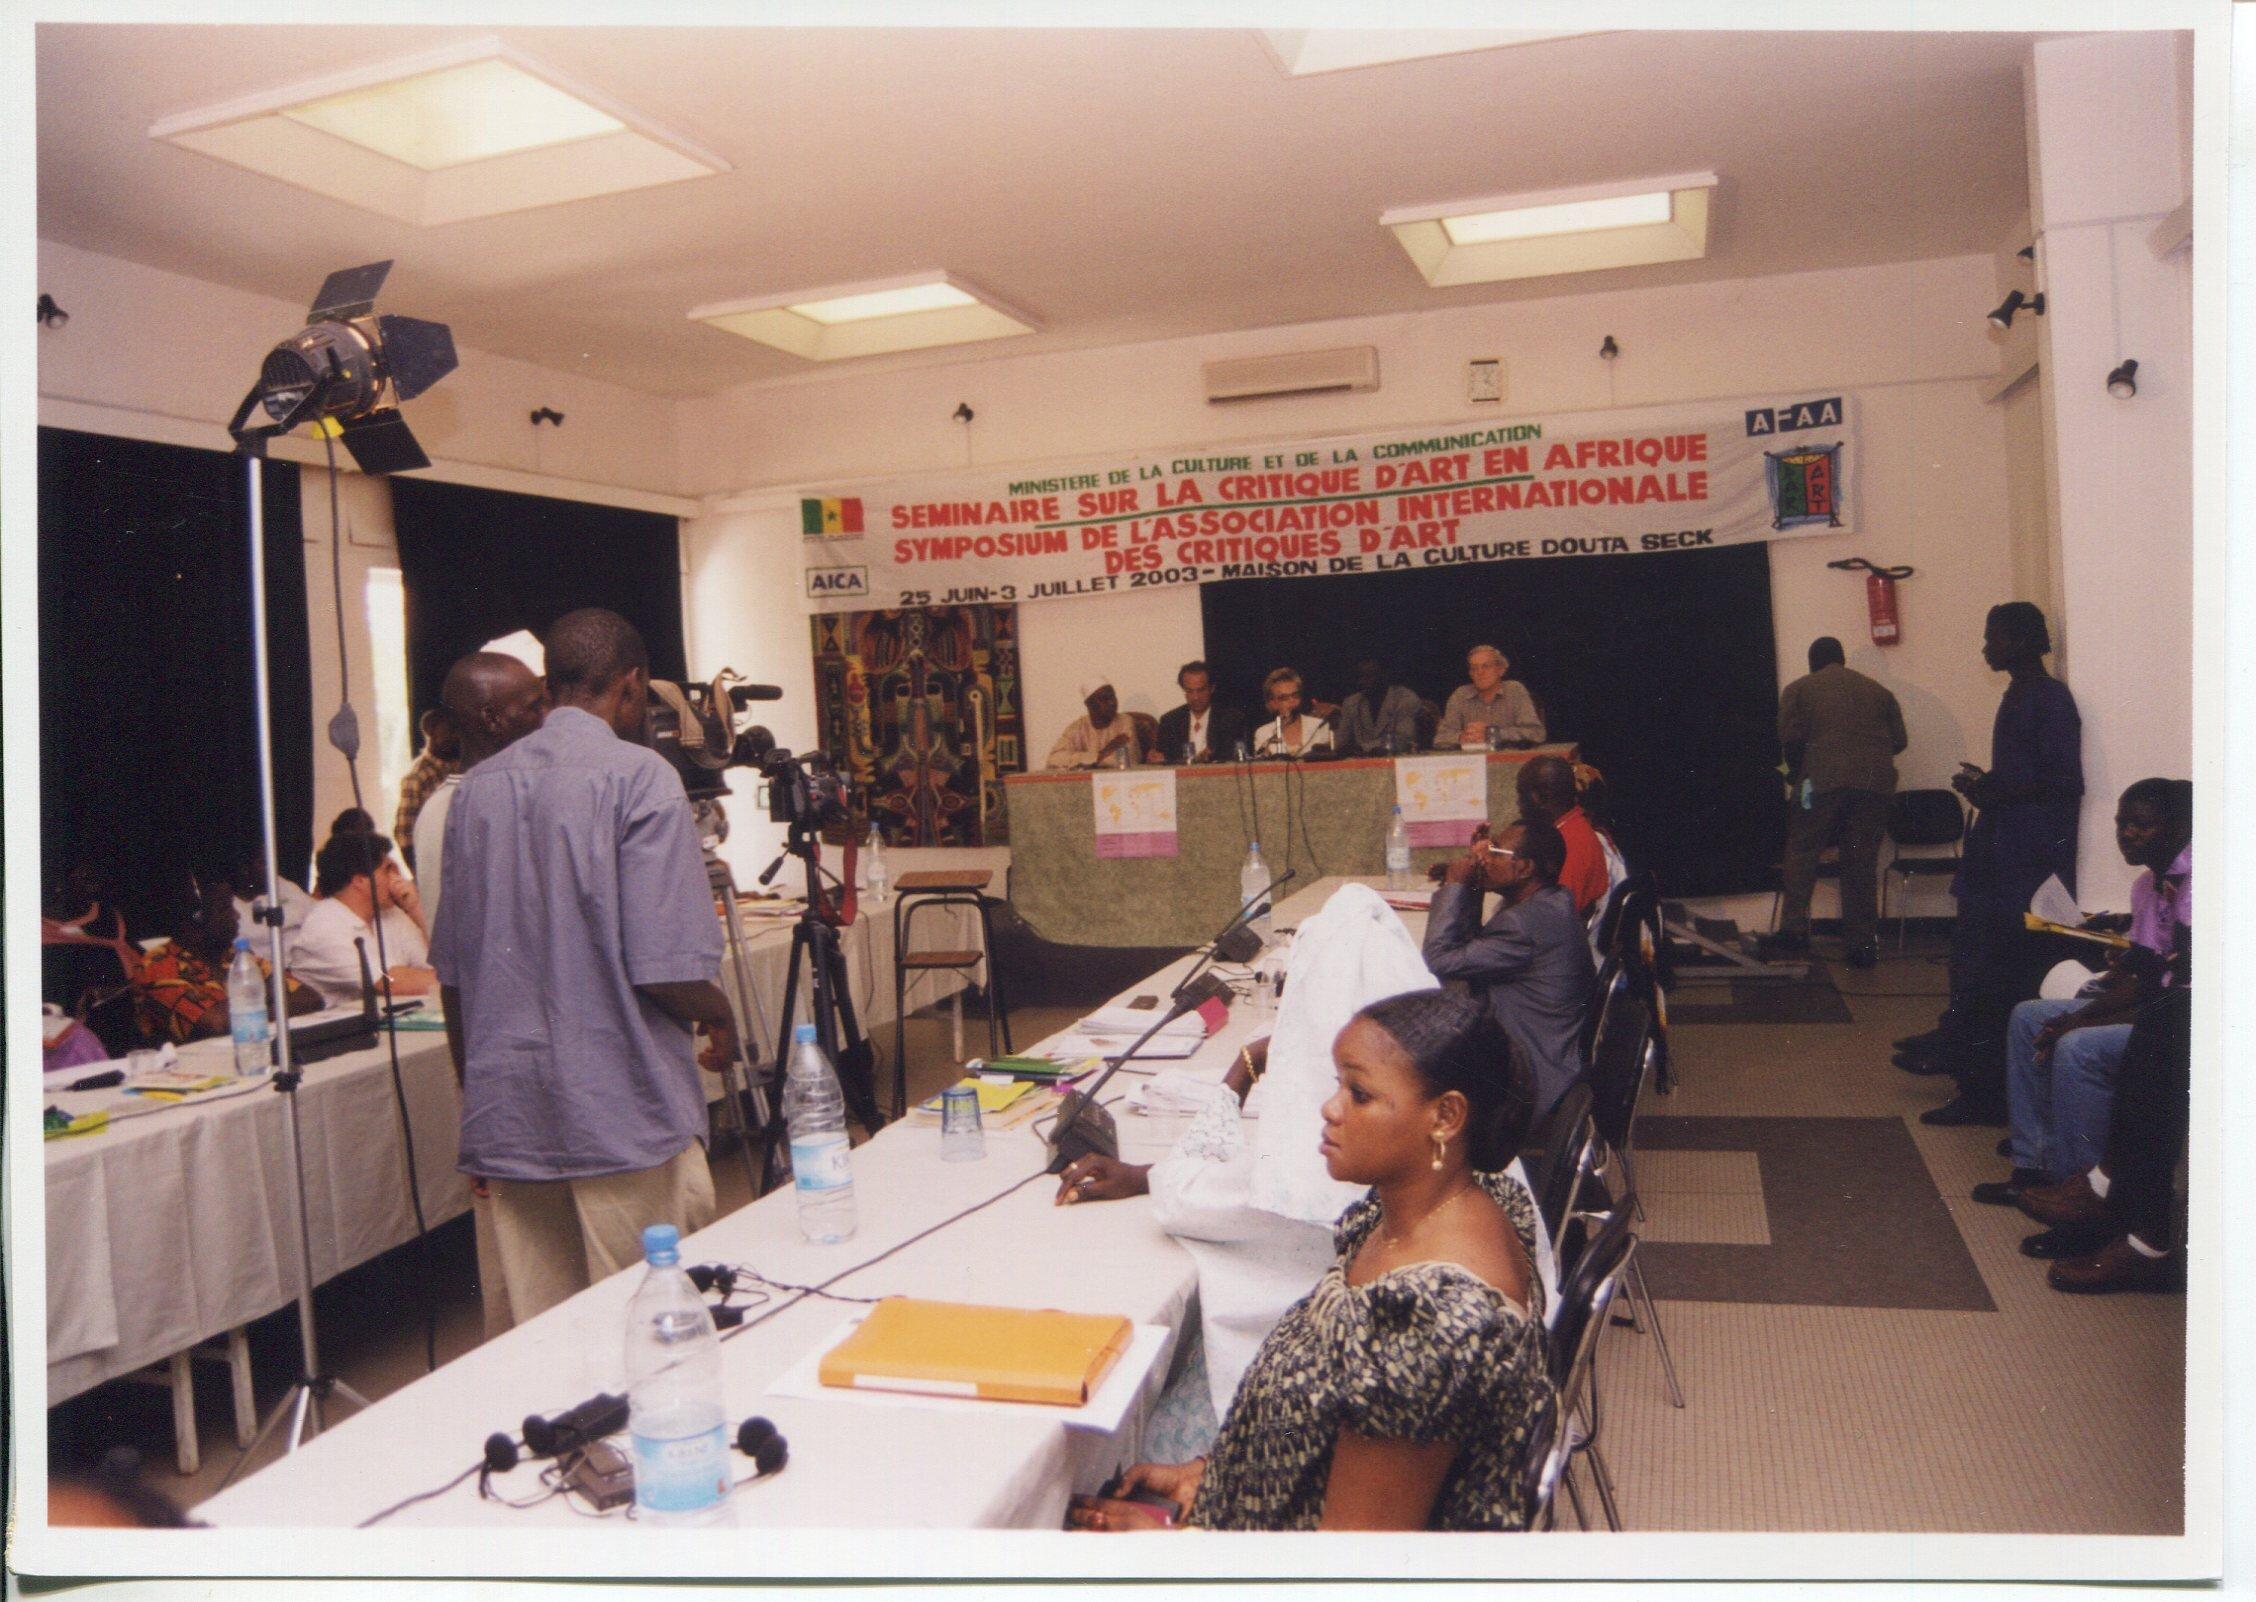 Séminaire sur la critique d'art en Afrique, Dakar, 25 juin-3 juillet 2003, photographe inconnu, fonds AICA International [FR ACA AICAI THE CON058/1], collection INHA – Archives de la critique d'art.